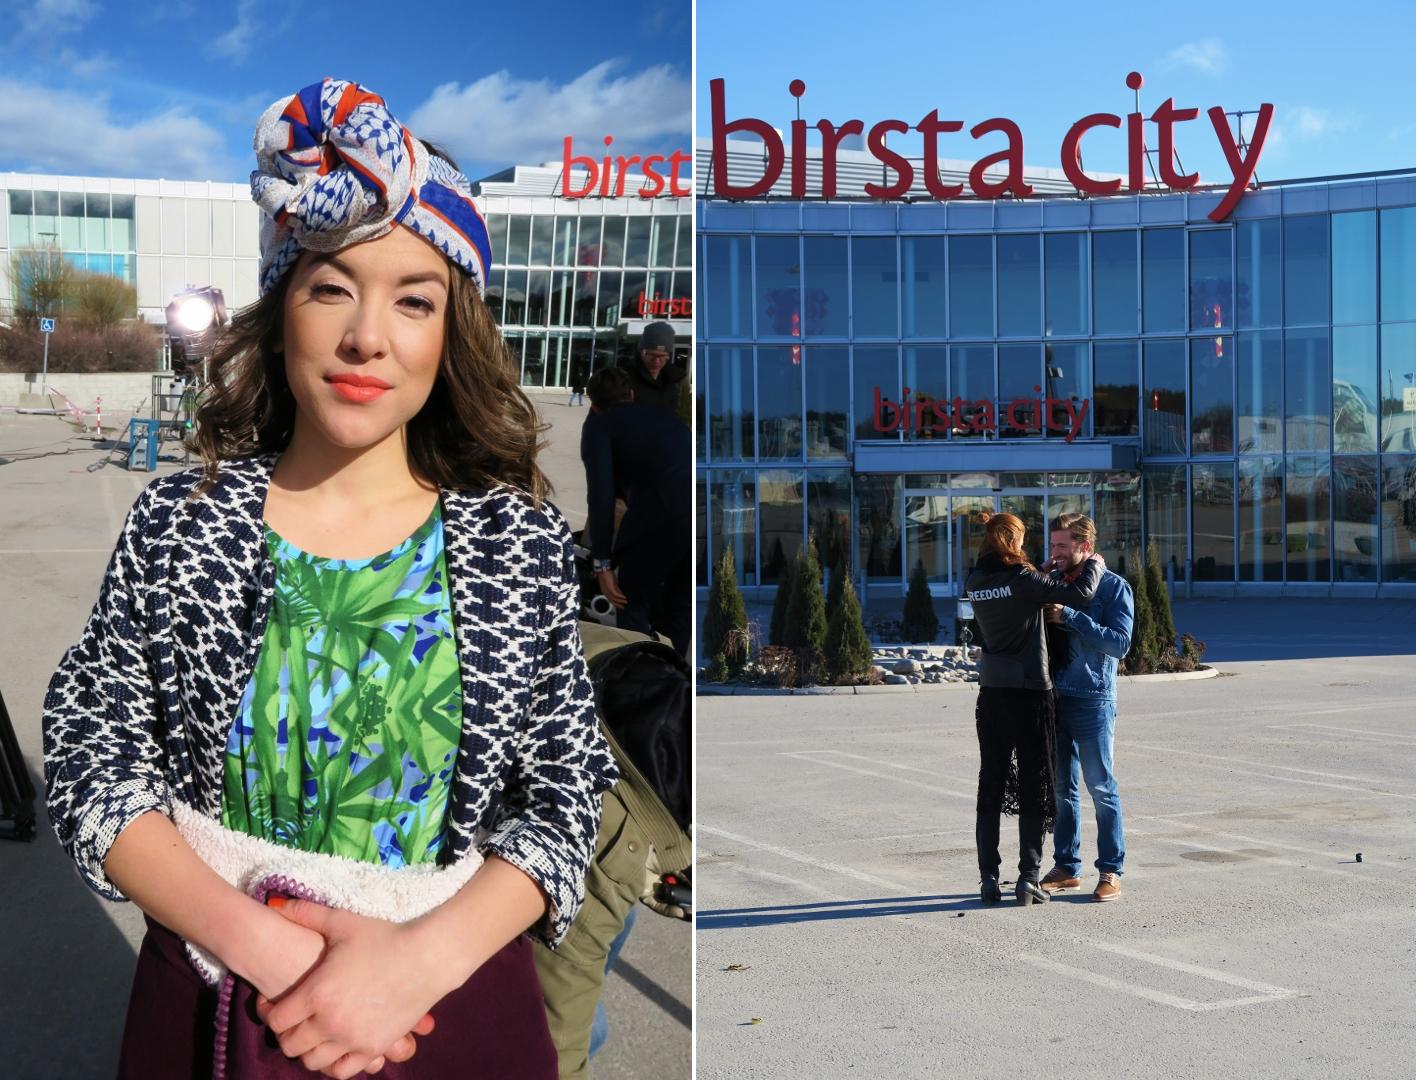 birsta_viktoriam3